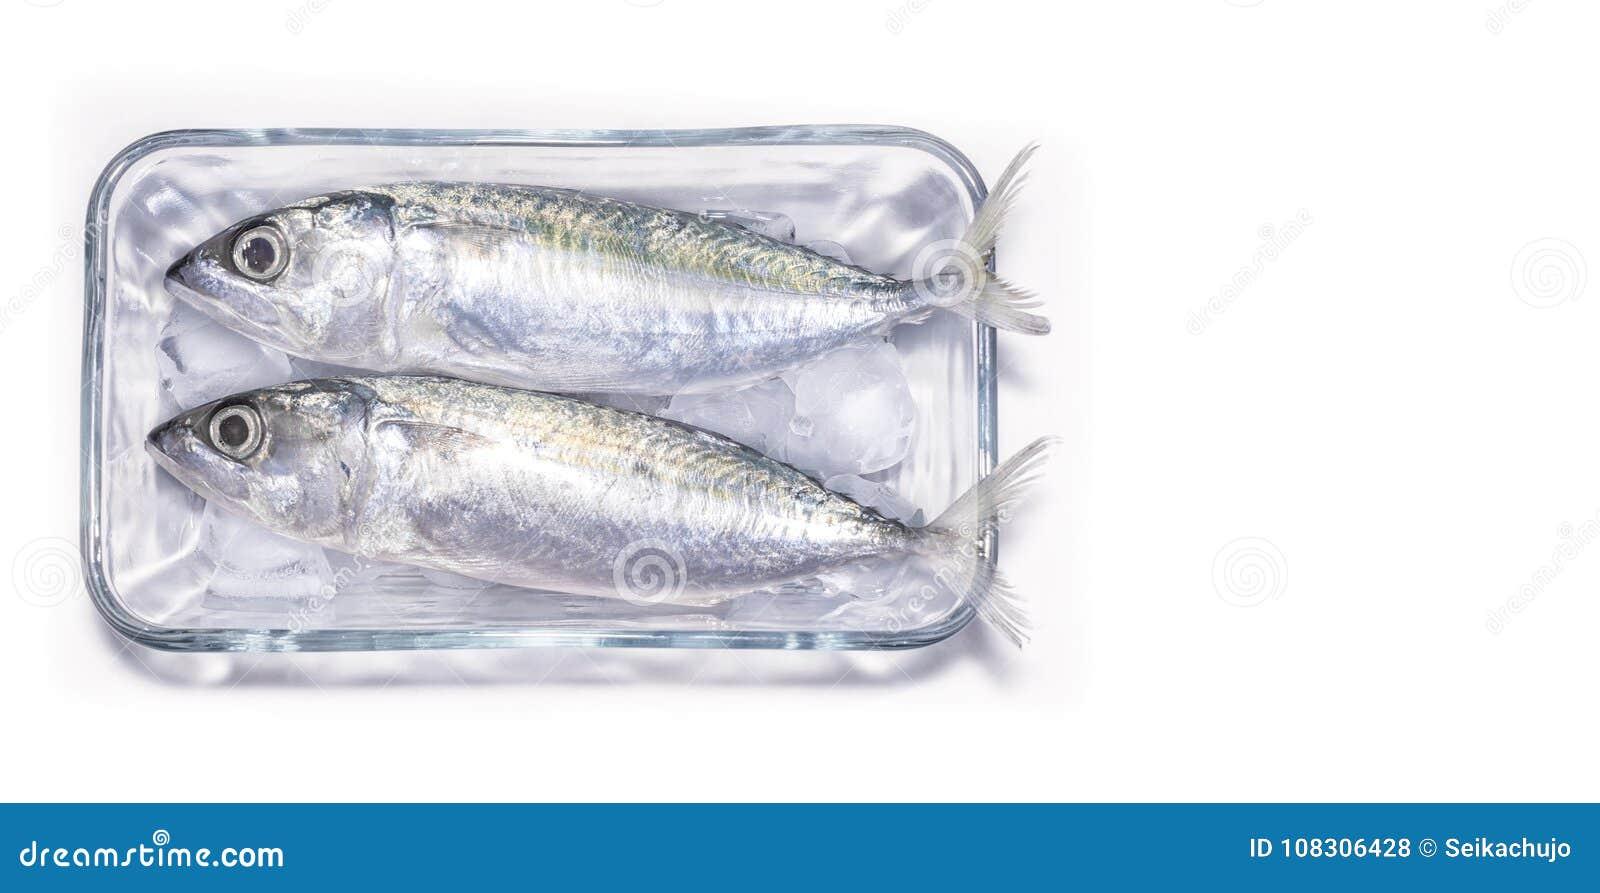 Pesce crudo appena preparato della sardina su ghiaccio con un fondo bianco